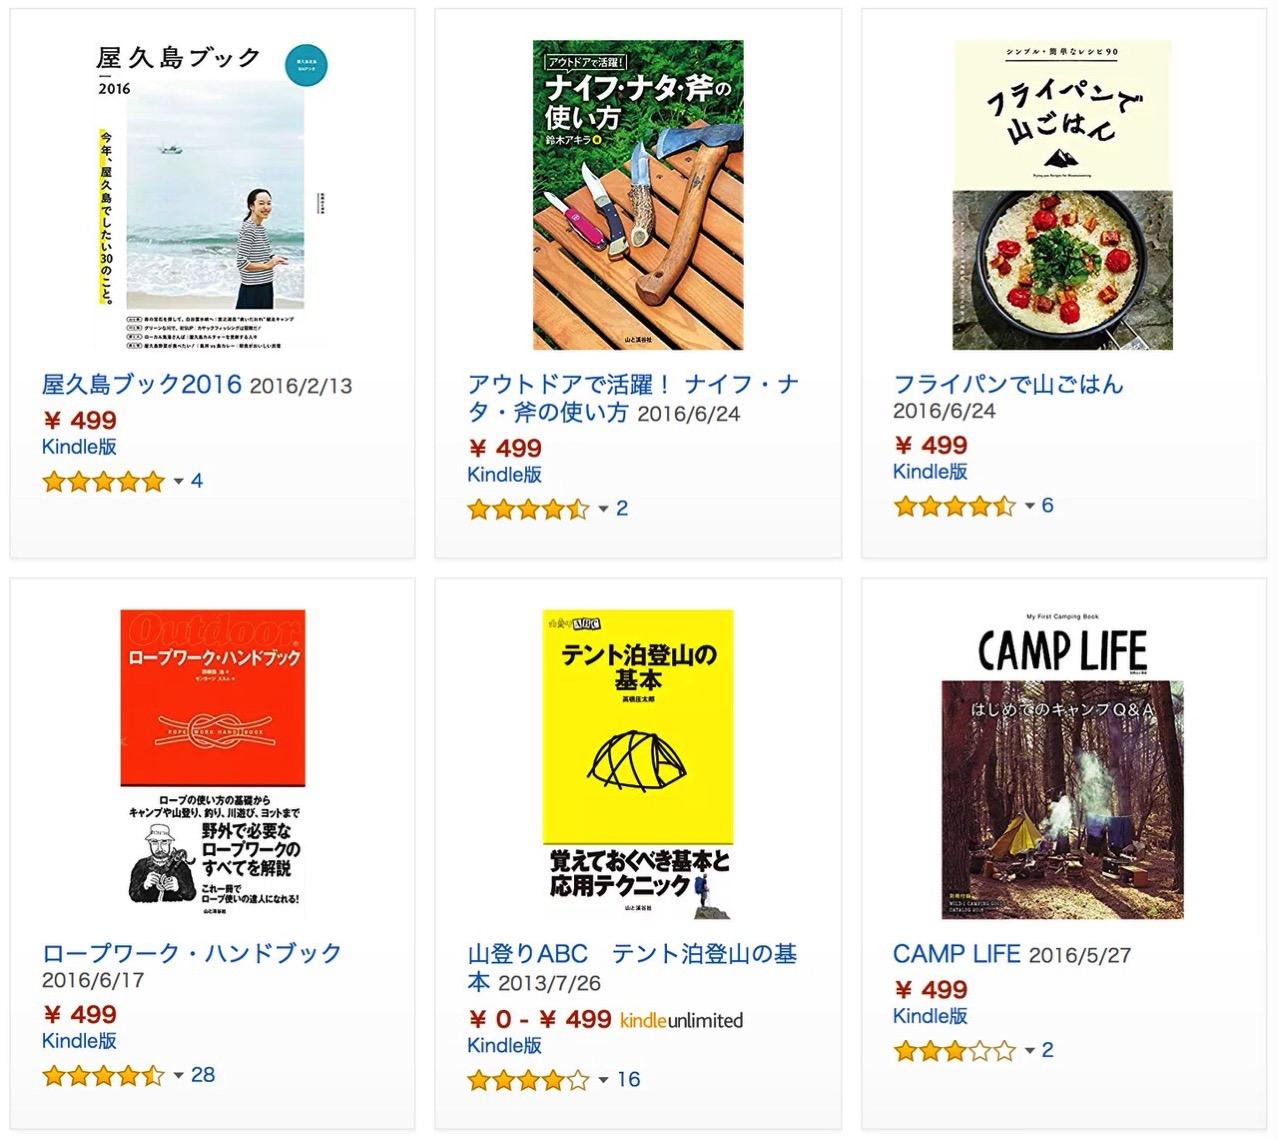 【499円均一】シーズン到来山登り入門&準備応援セール【Kindle】